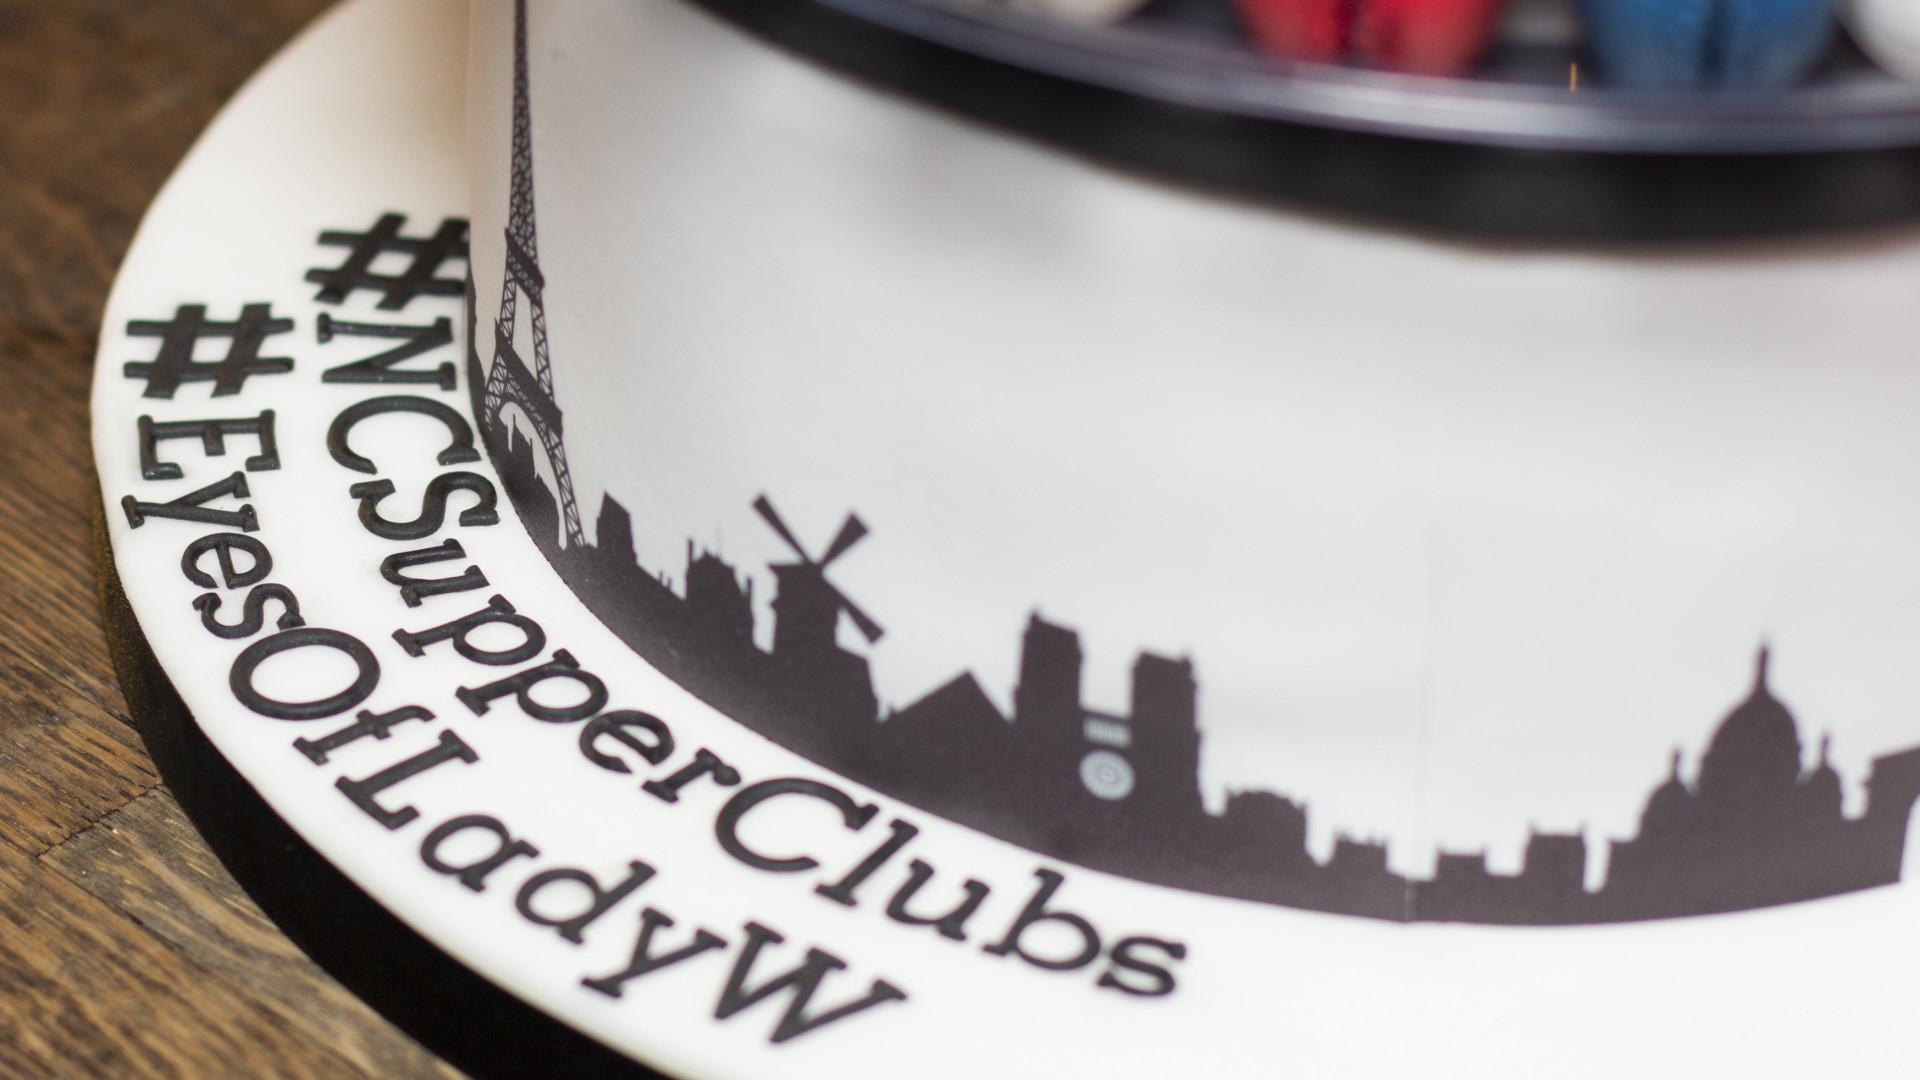 #NCSupperClubs